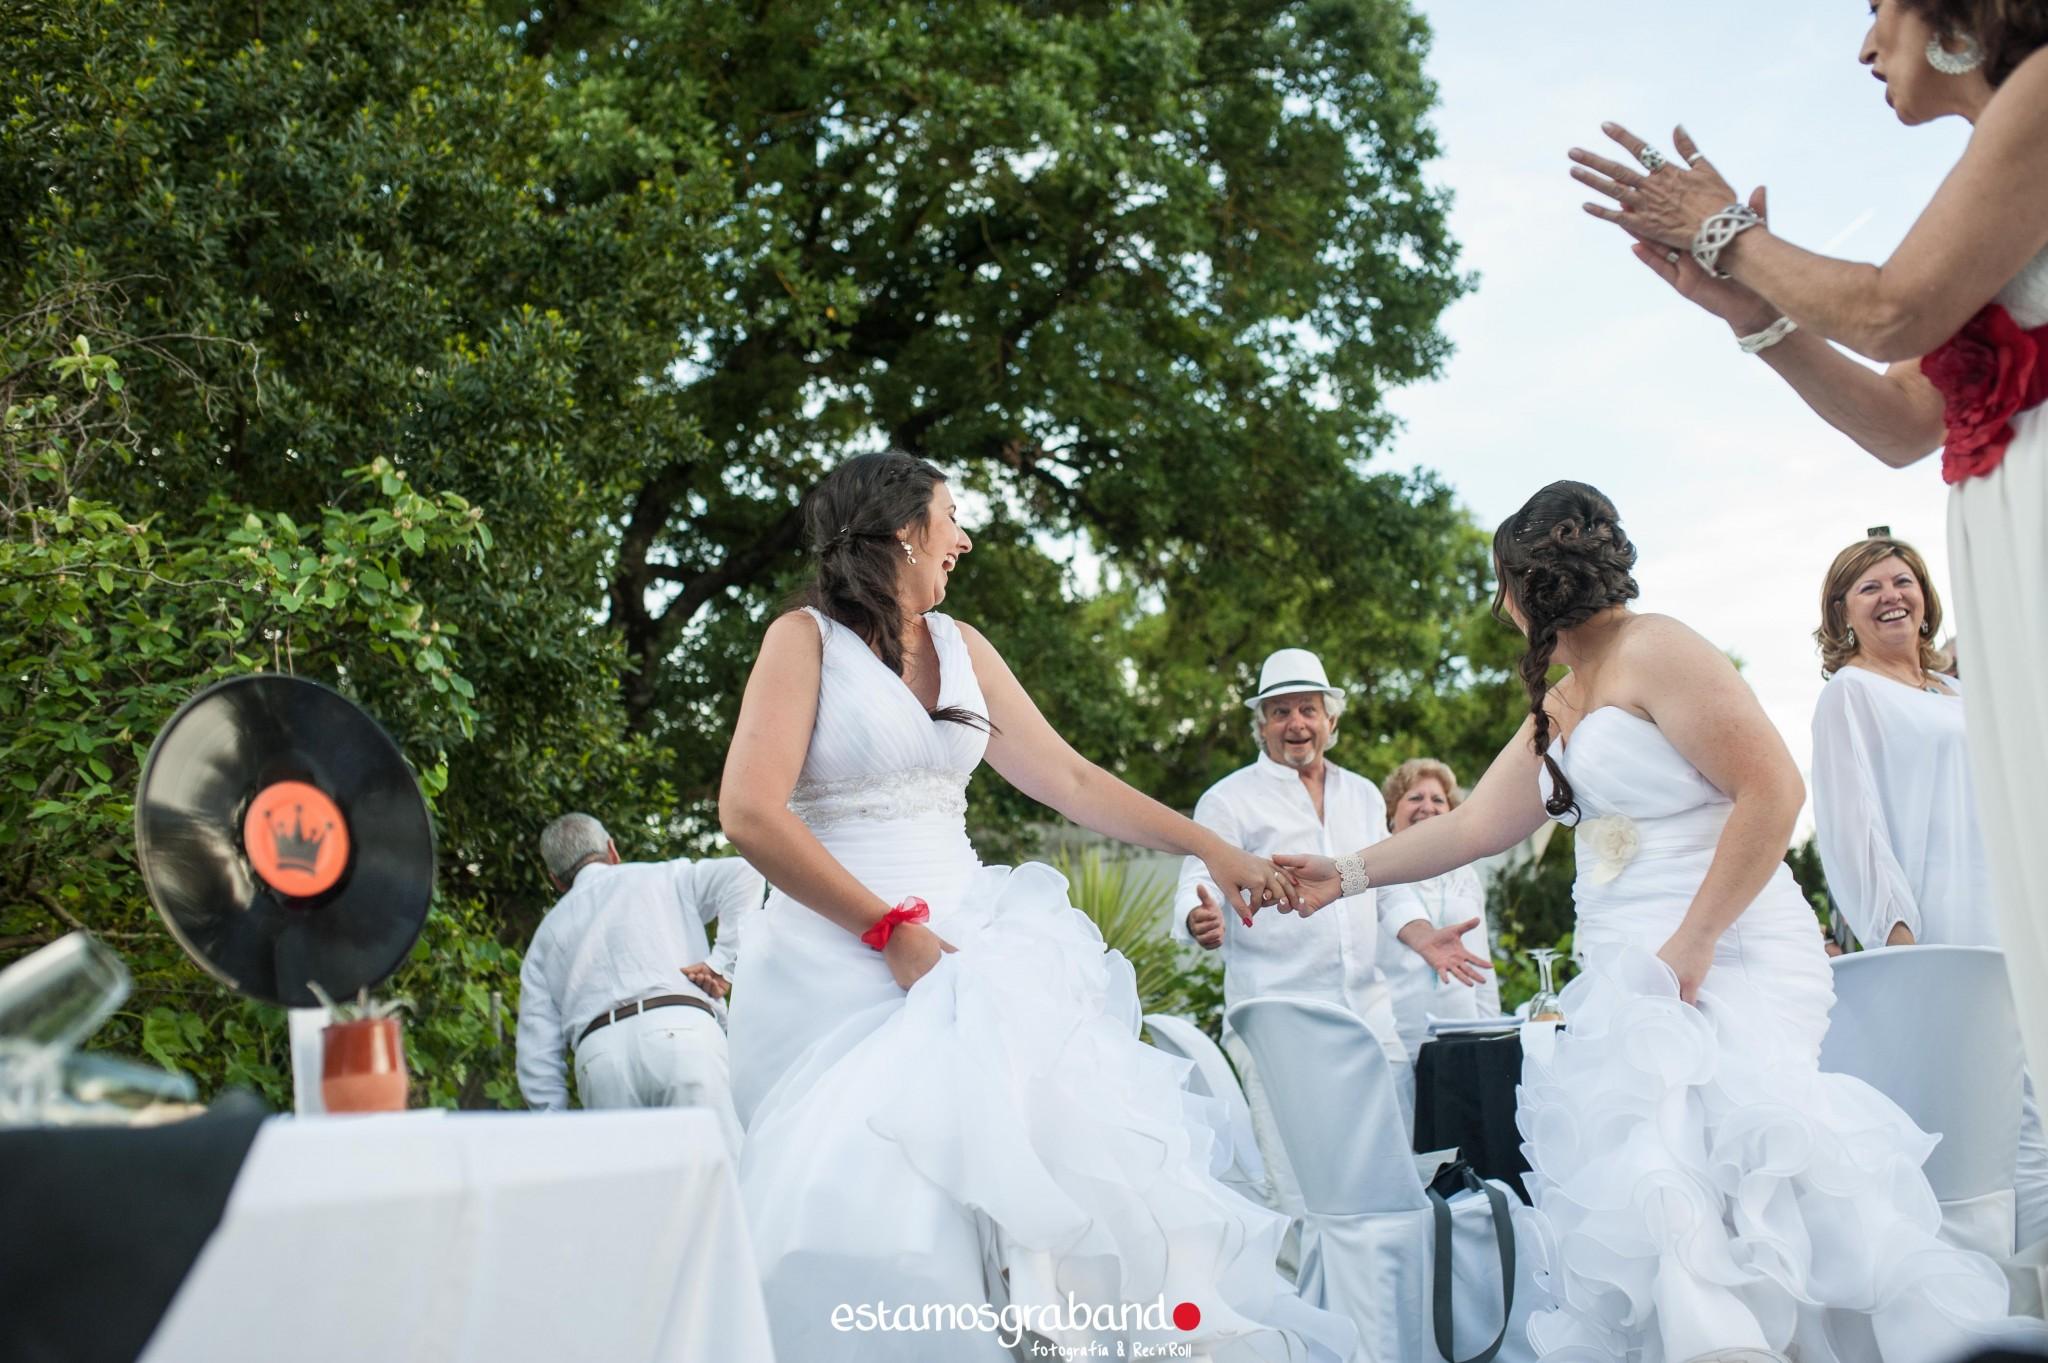 Cris-Rebeca-44 Fotografía de Boda, Rebeca & Cristina - video boda cadiz